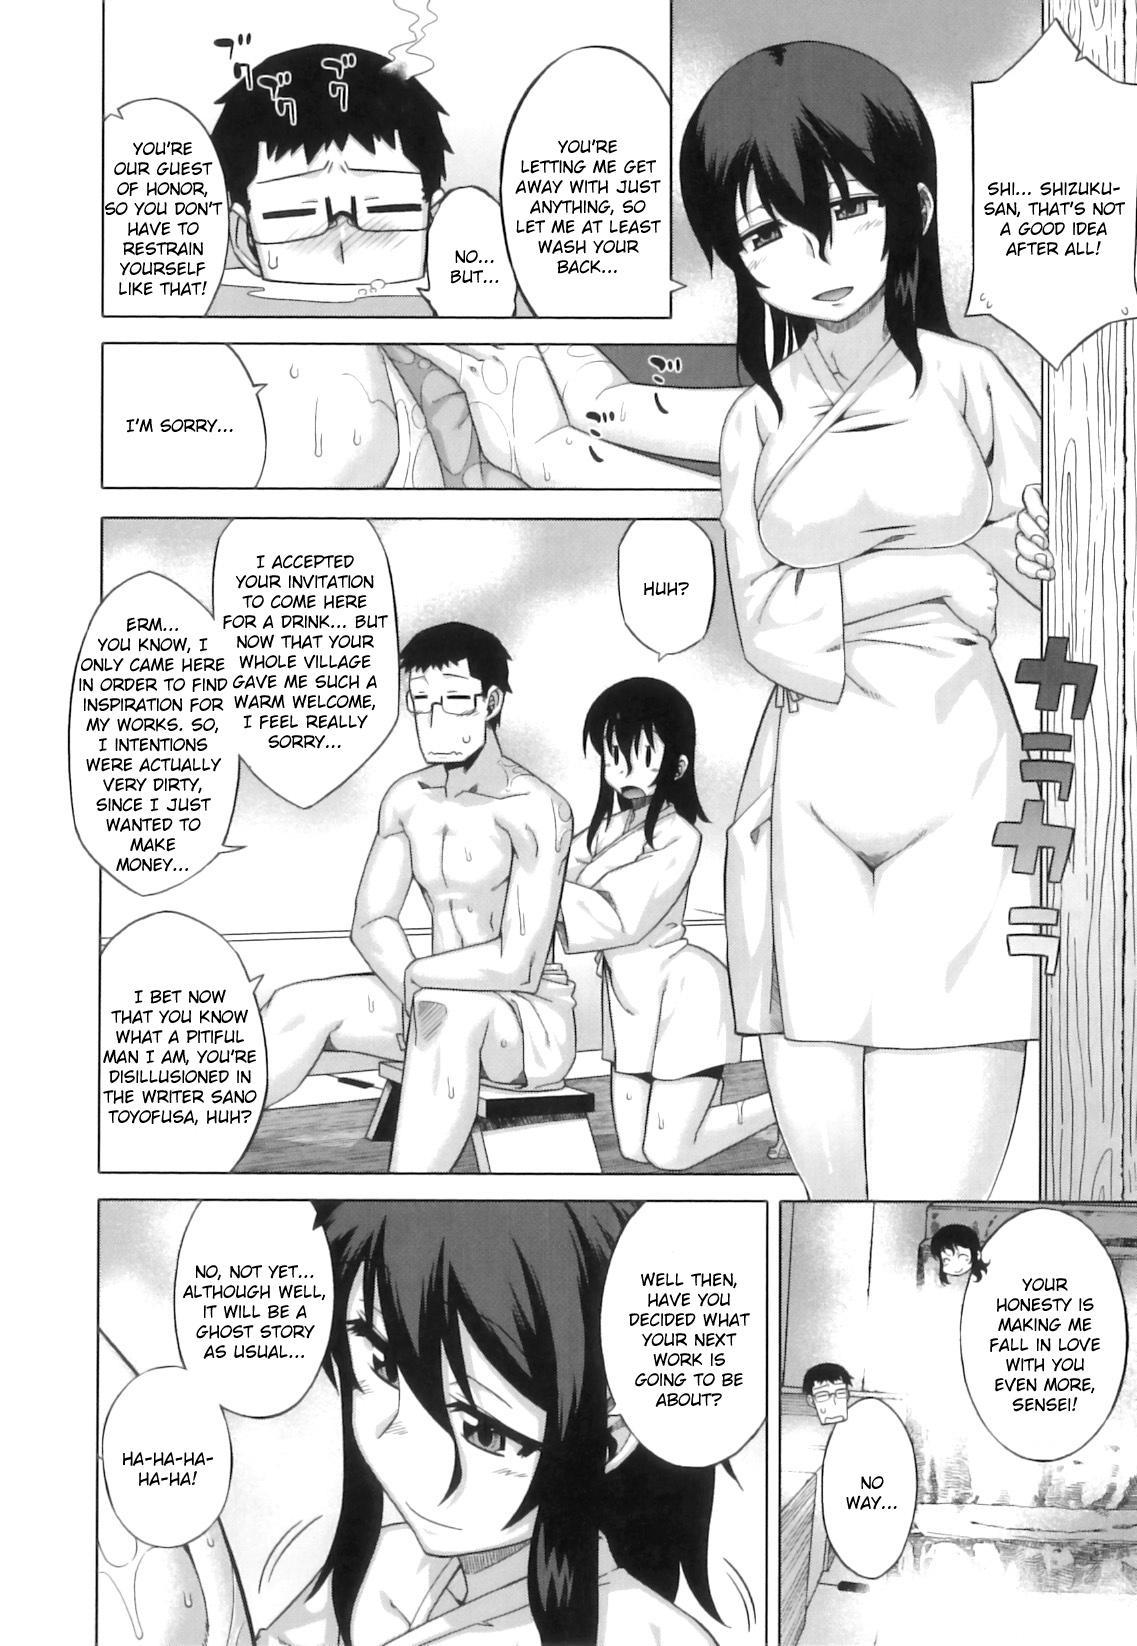 [Takatsu] DH! ~Himorogi Hyaku Yome Gatari~ | Demon-Hentai! - Shrine of One Hundred Wives [English] {doujin-moe.us} 17